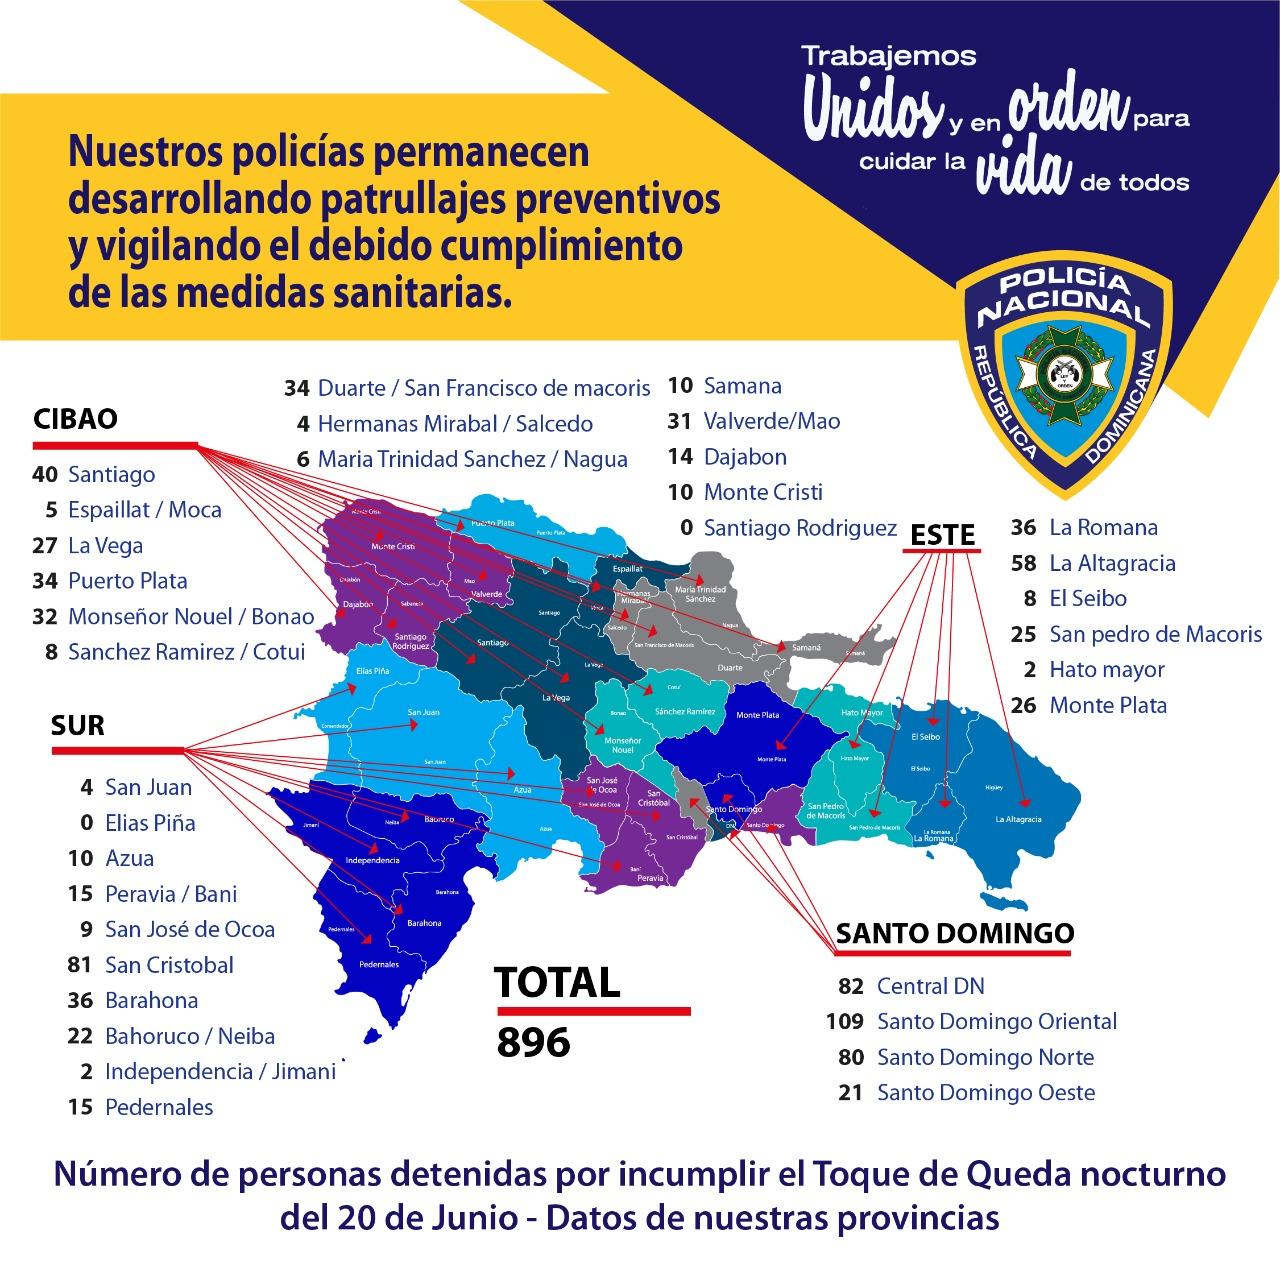 PN apresa a 896 ciudadanos y cierra 57 negocios por irrespetar toque de queda